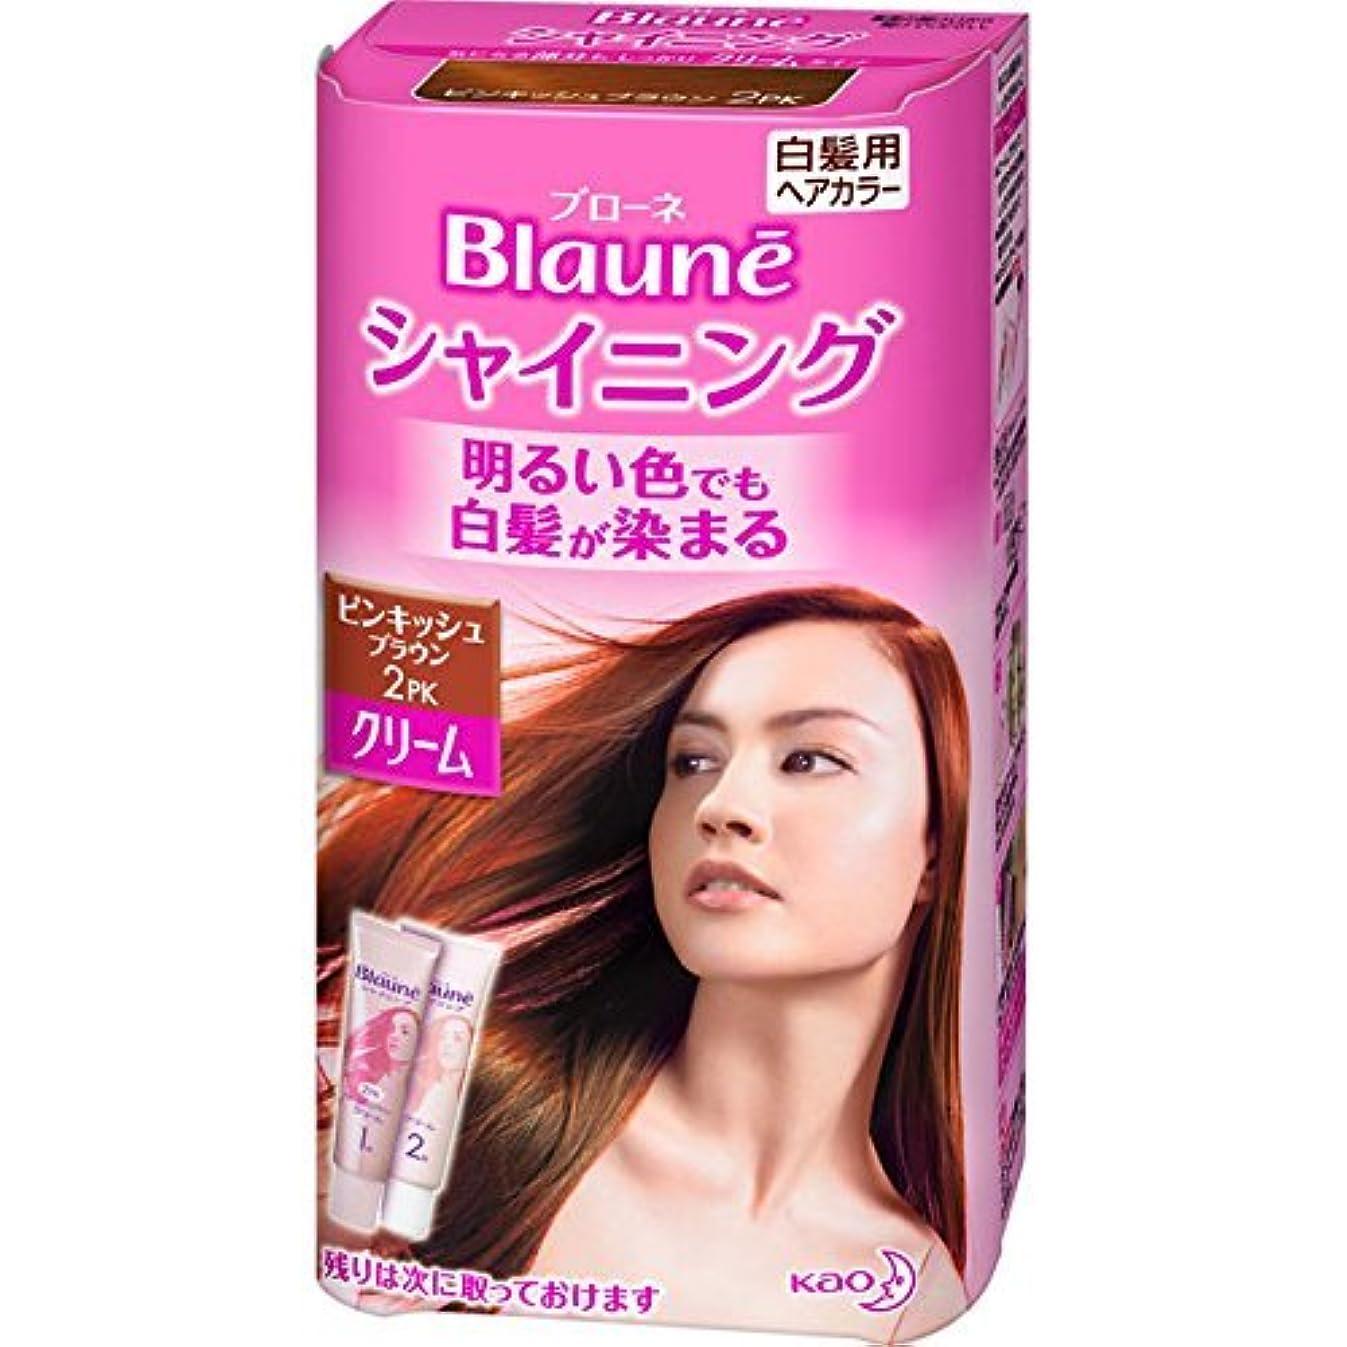 作り偉業印象派花王 ブローネ シャイニングヘアカラー クリーム 2PK 1剤50g/2剤50g(医薬部外品)《各50g》